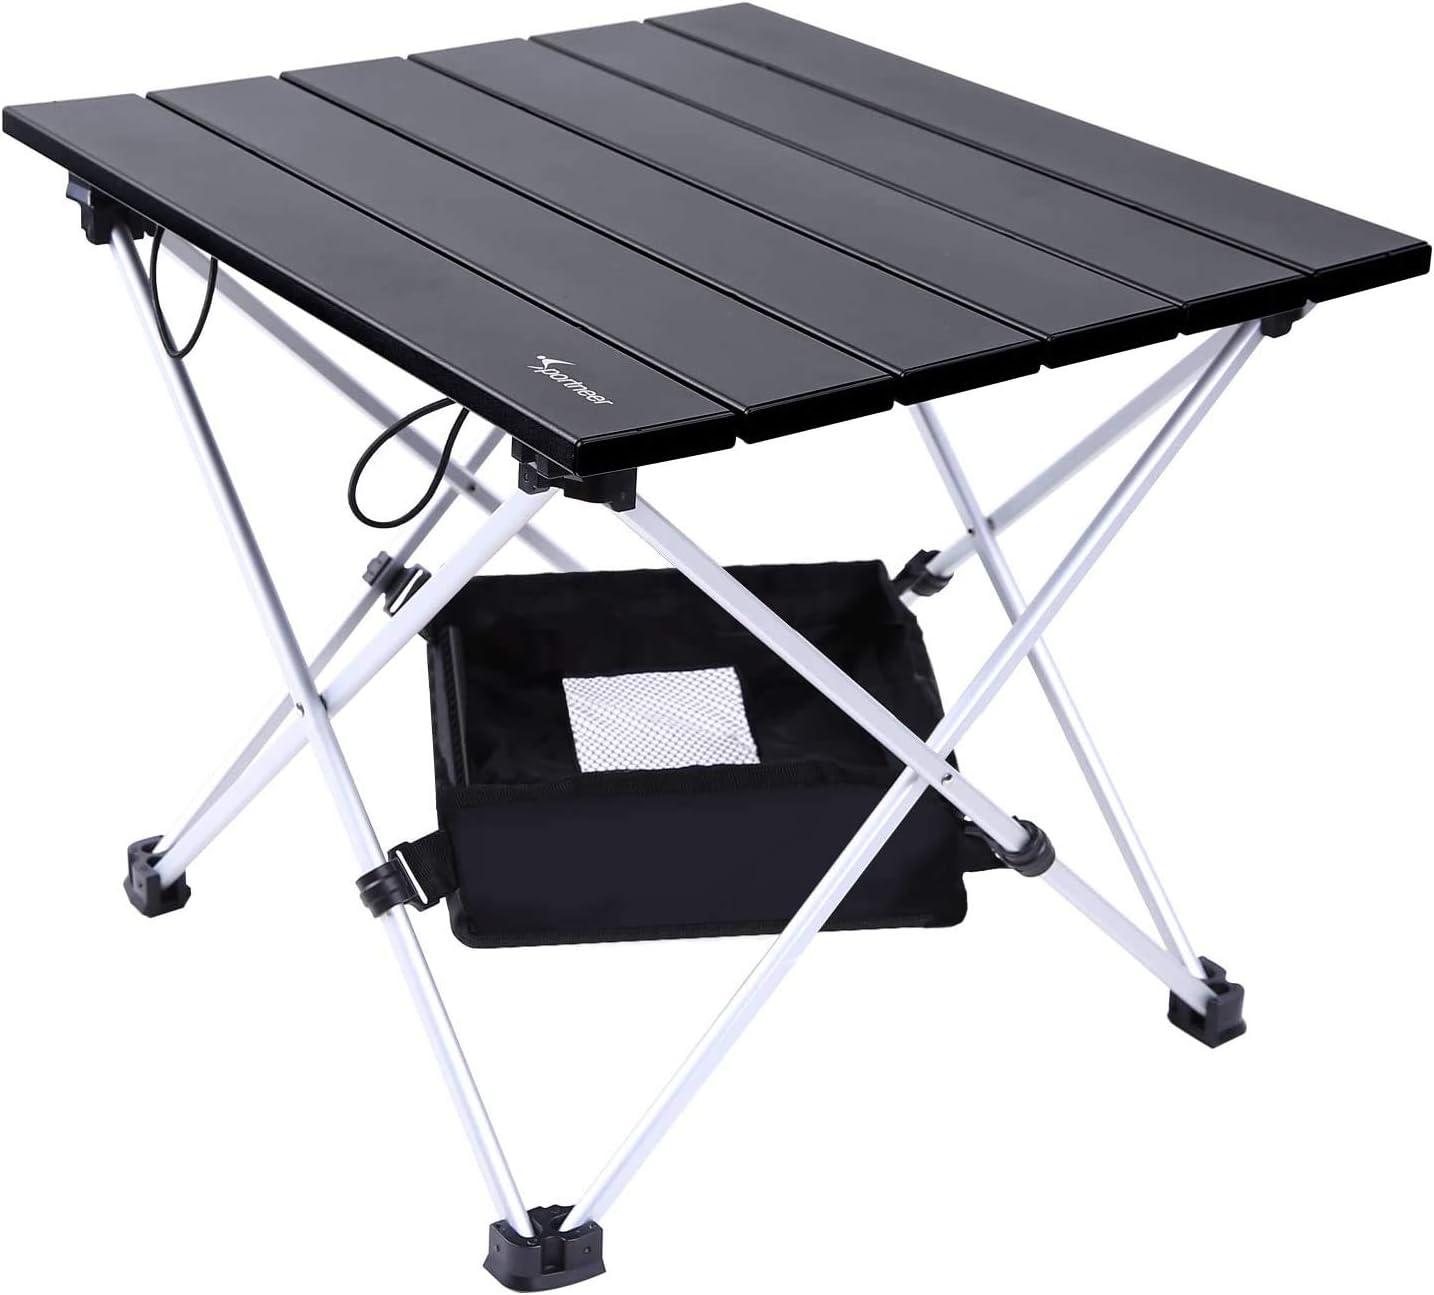 Mesa Plegable, Sportneer Portatiles Plegable Ultraligero Mesa de Camping con Bolsa de Transporte y Malla de Almacenamiento, para al Aire Libre, ...